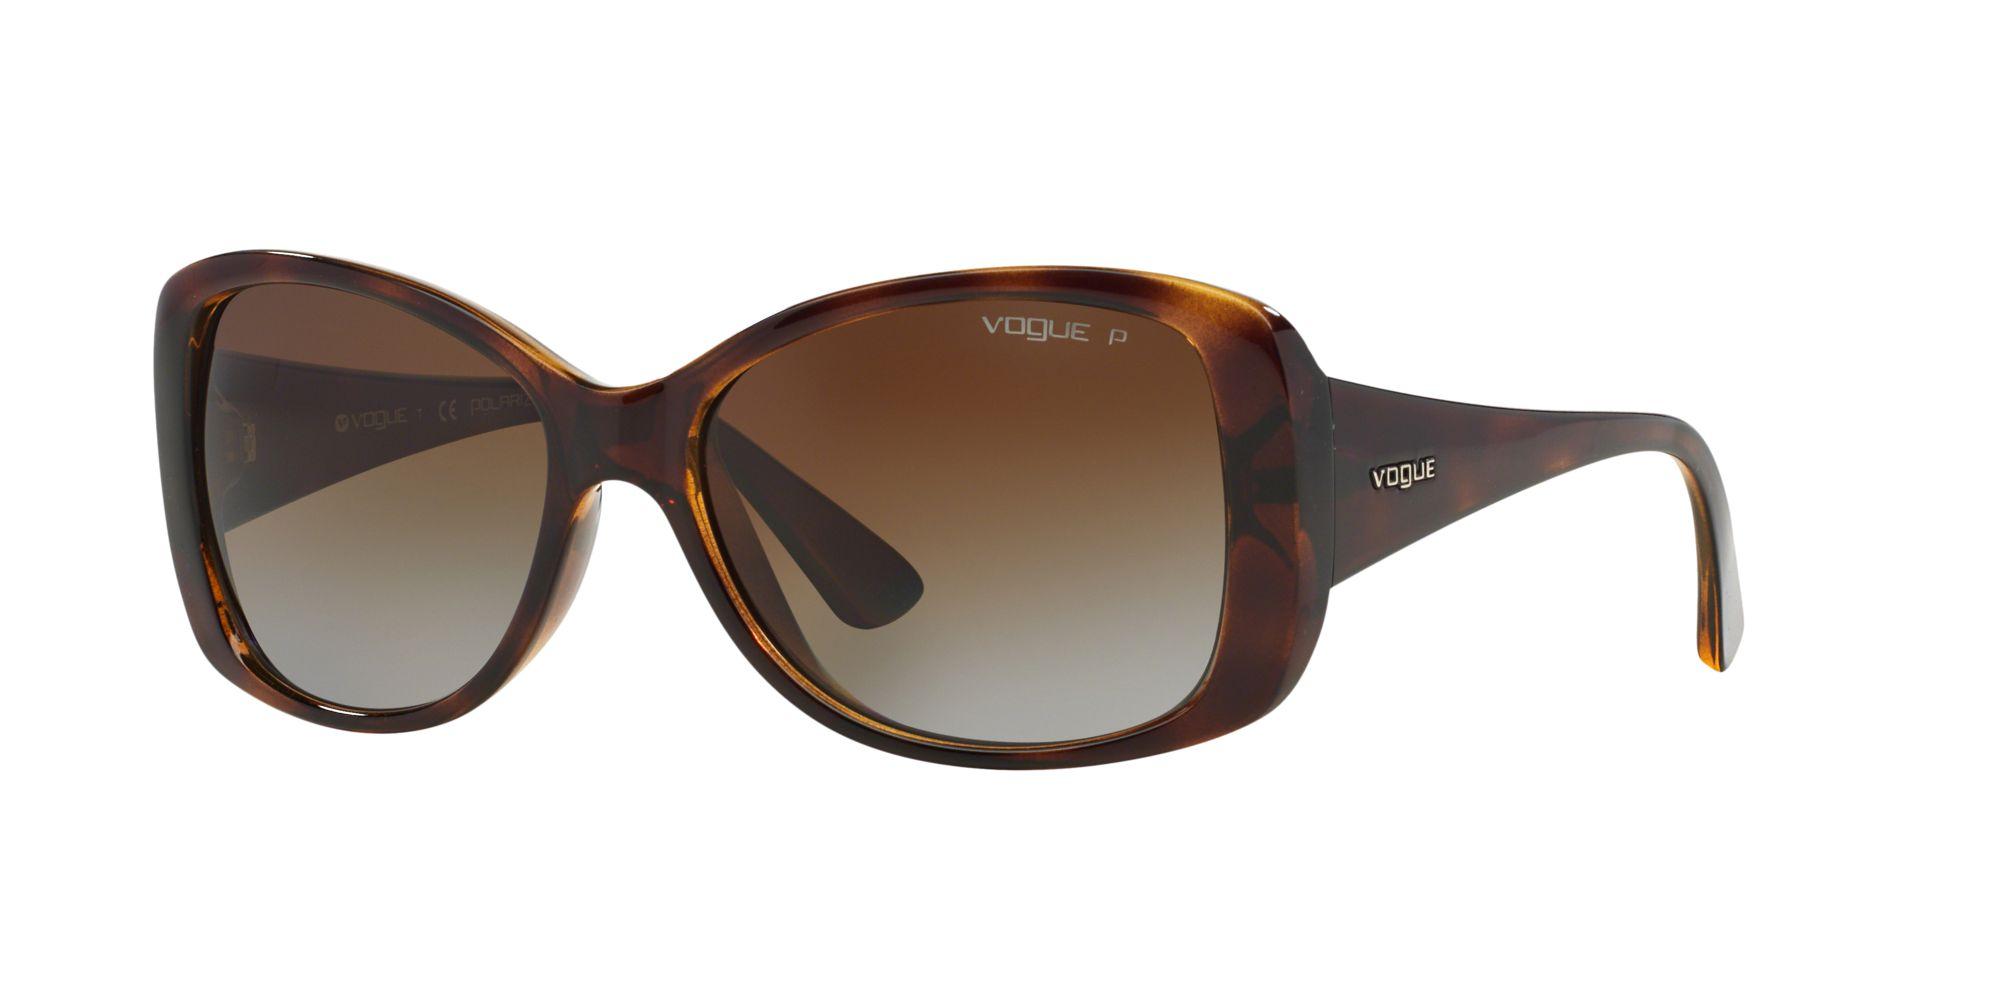 Vogue Vo2843s W656t5 56-16 4mCY7